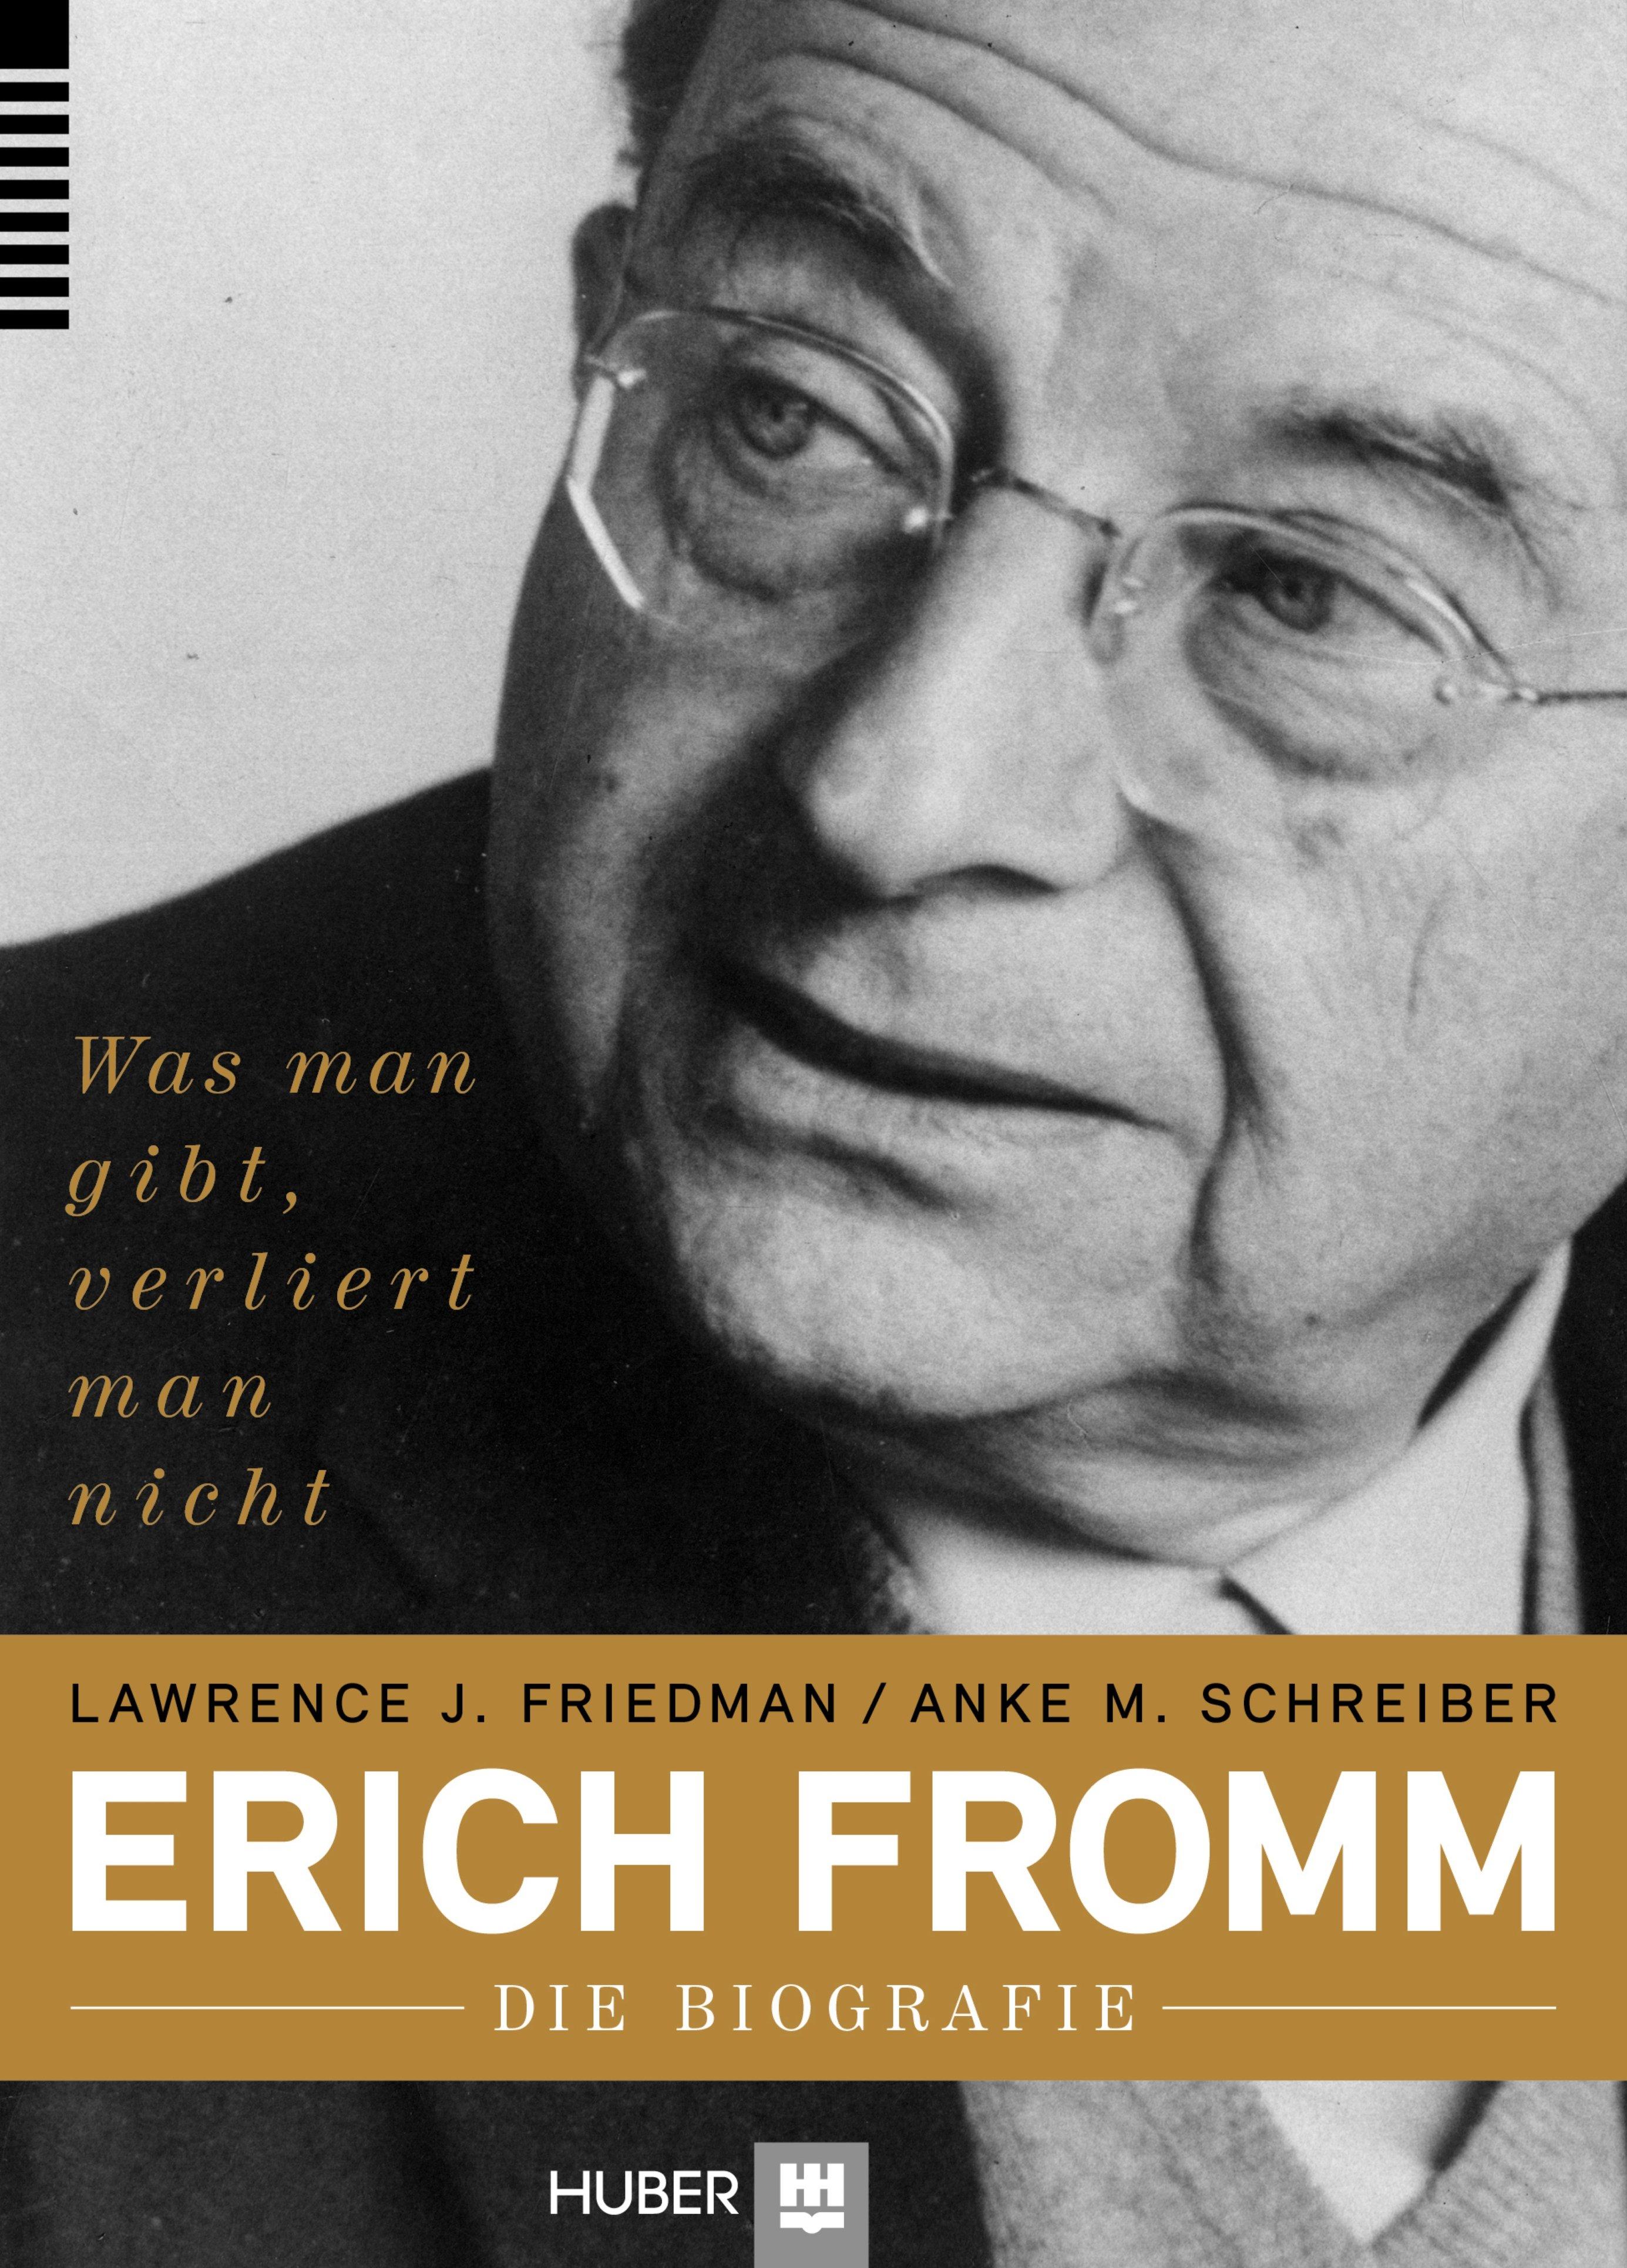 Erich Fromm – die Biografie